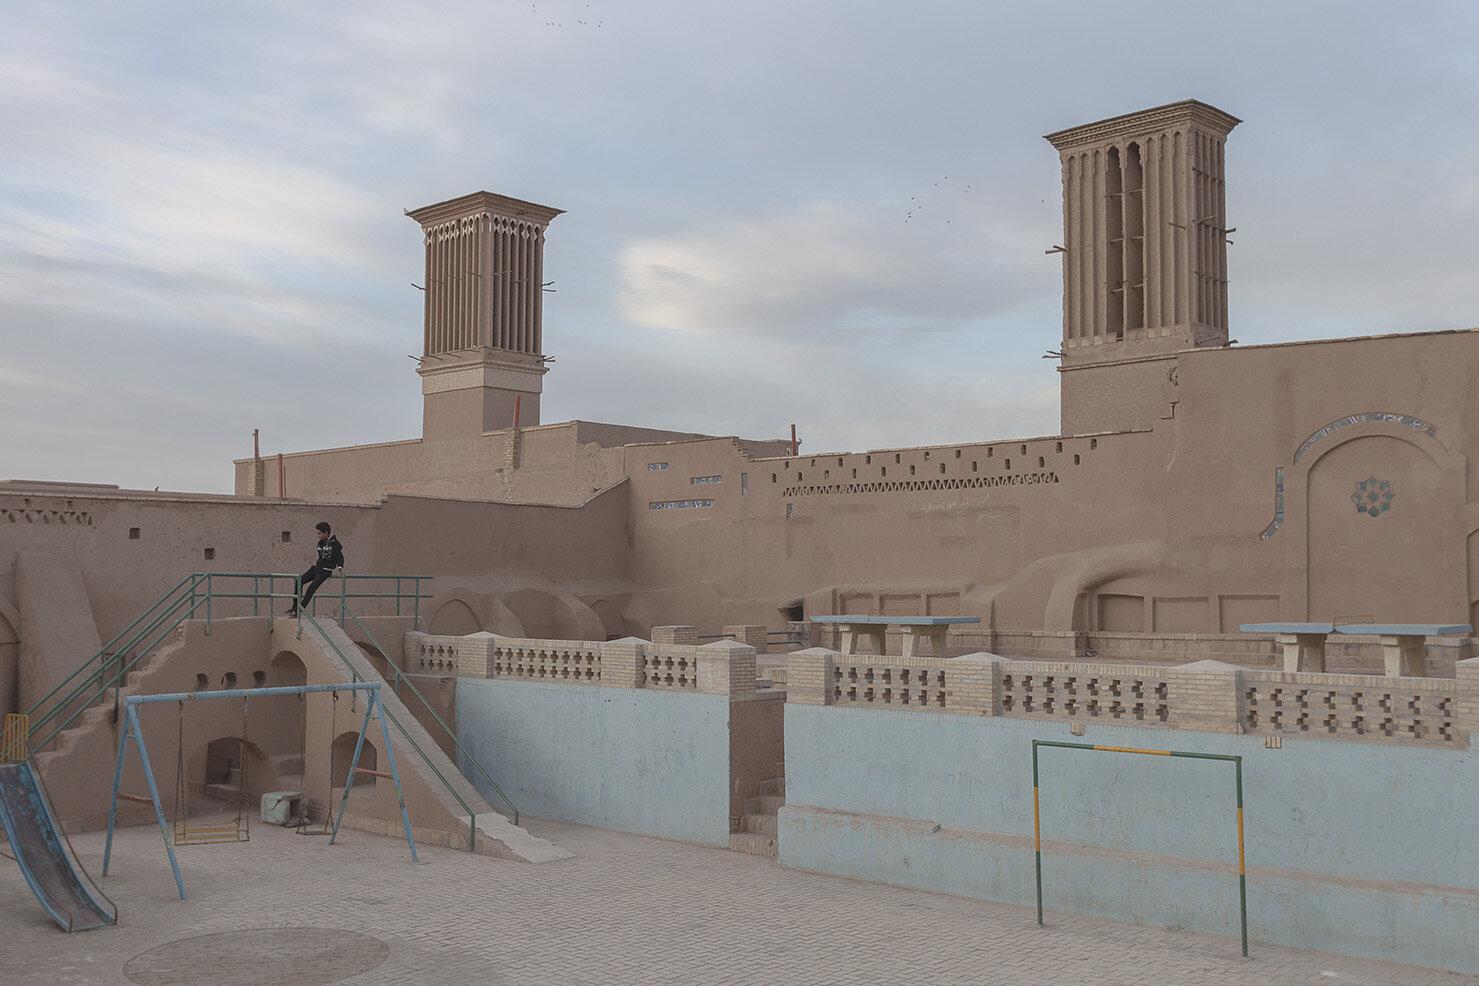 Parque recreativo en la ciudad vieja de Yazd, Irán.